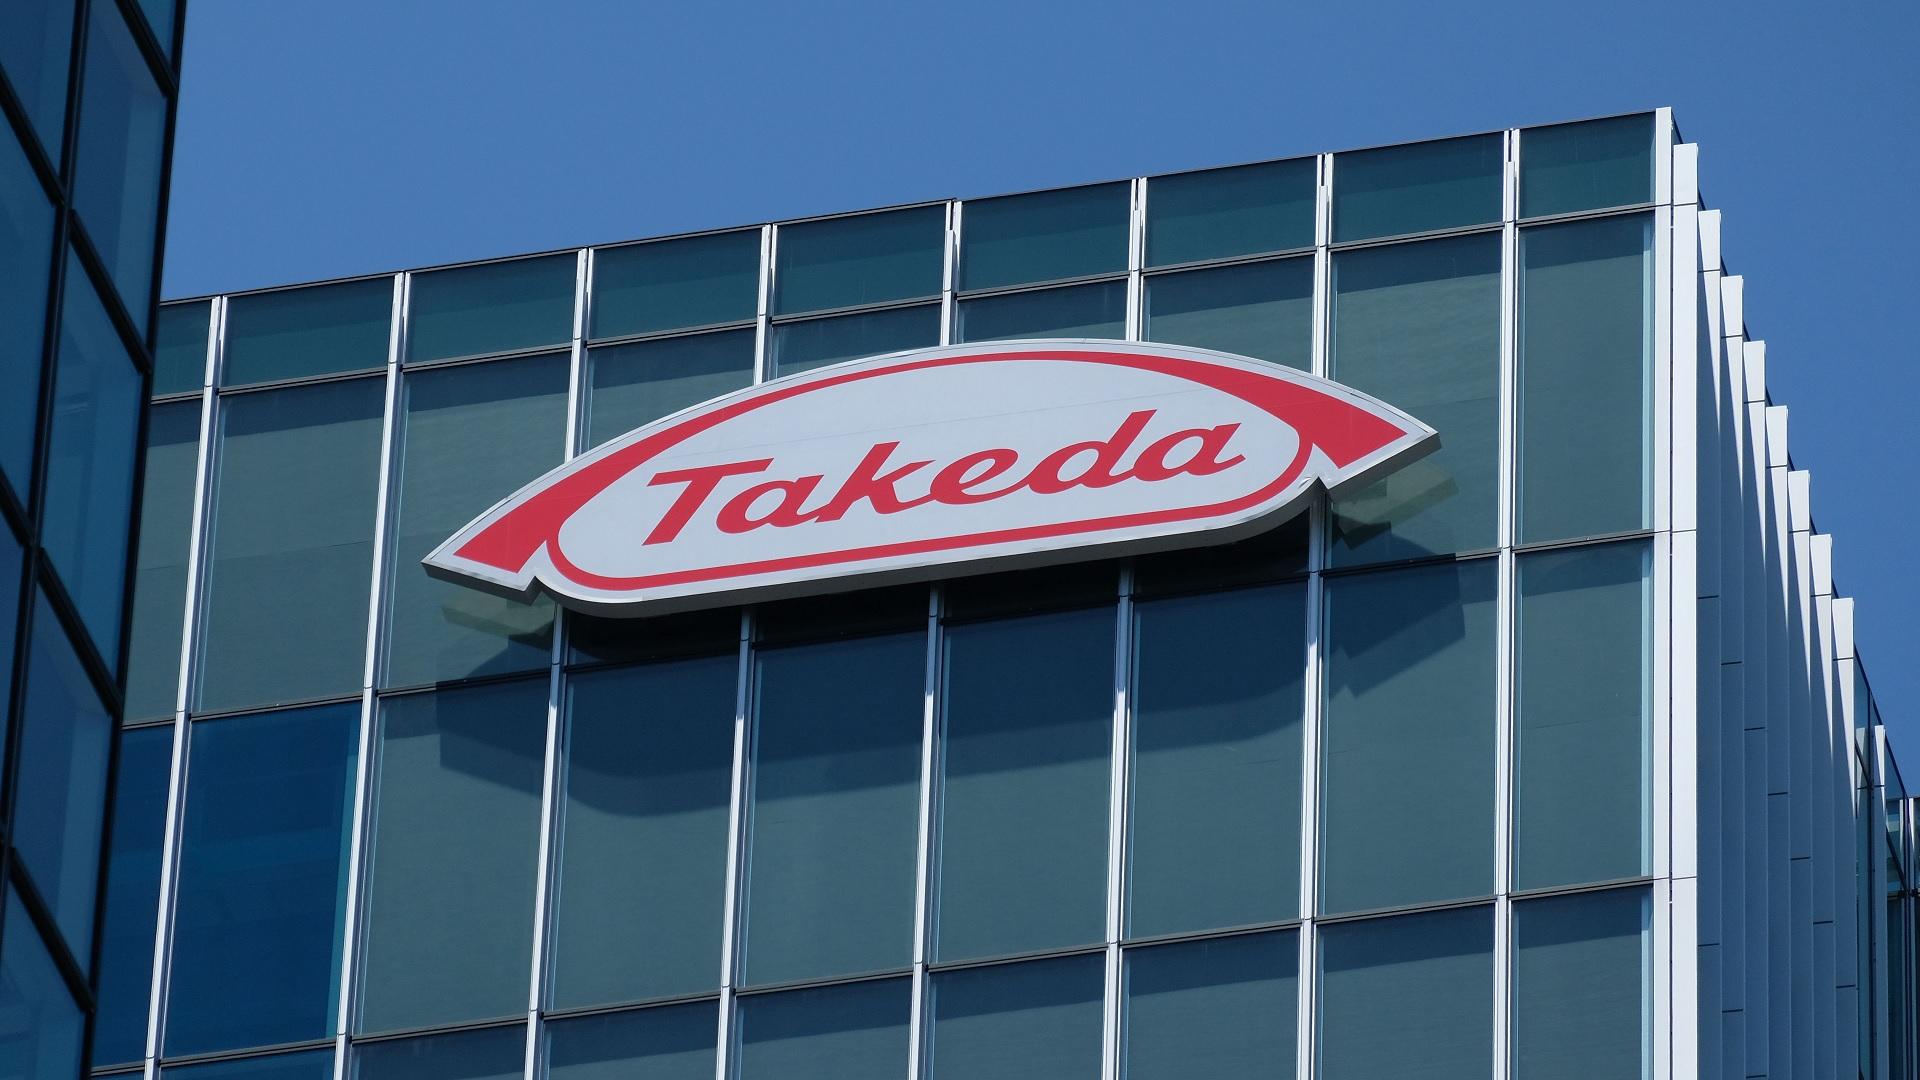 Η Takeda πουλά μονάδα υγείας για 2,3 δισ. δολάρια